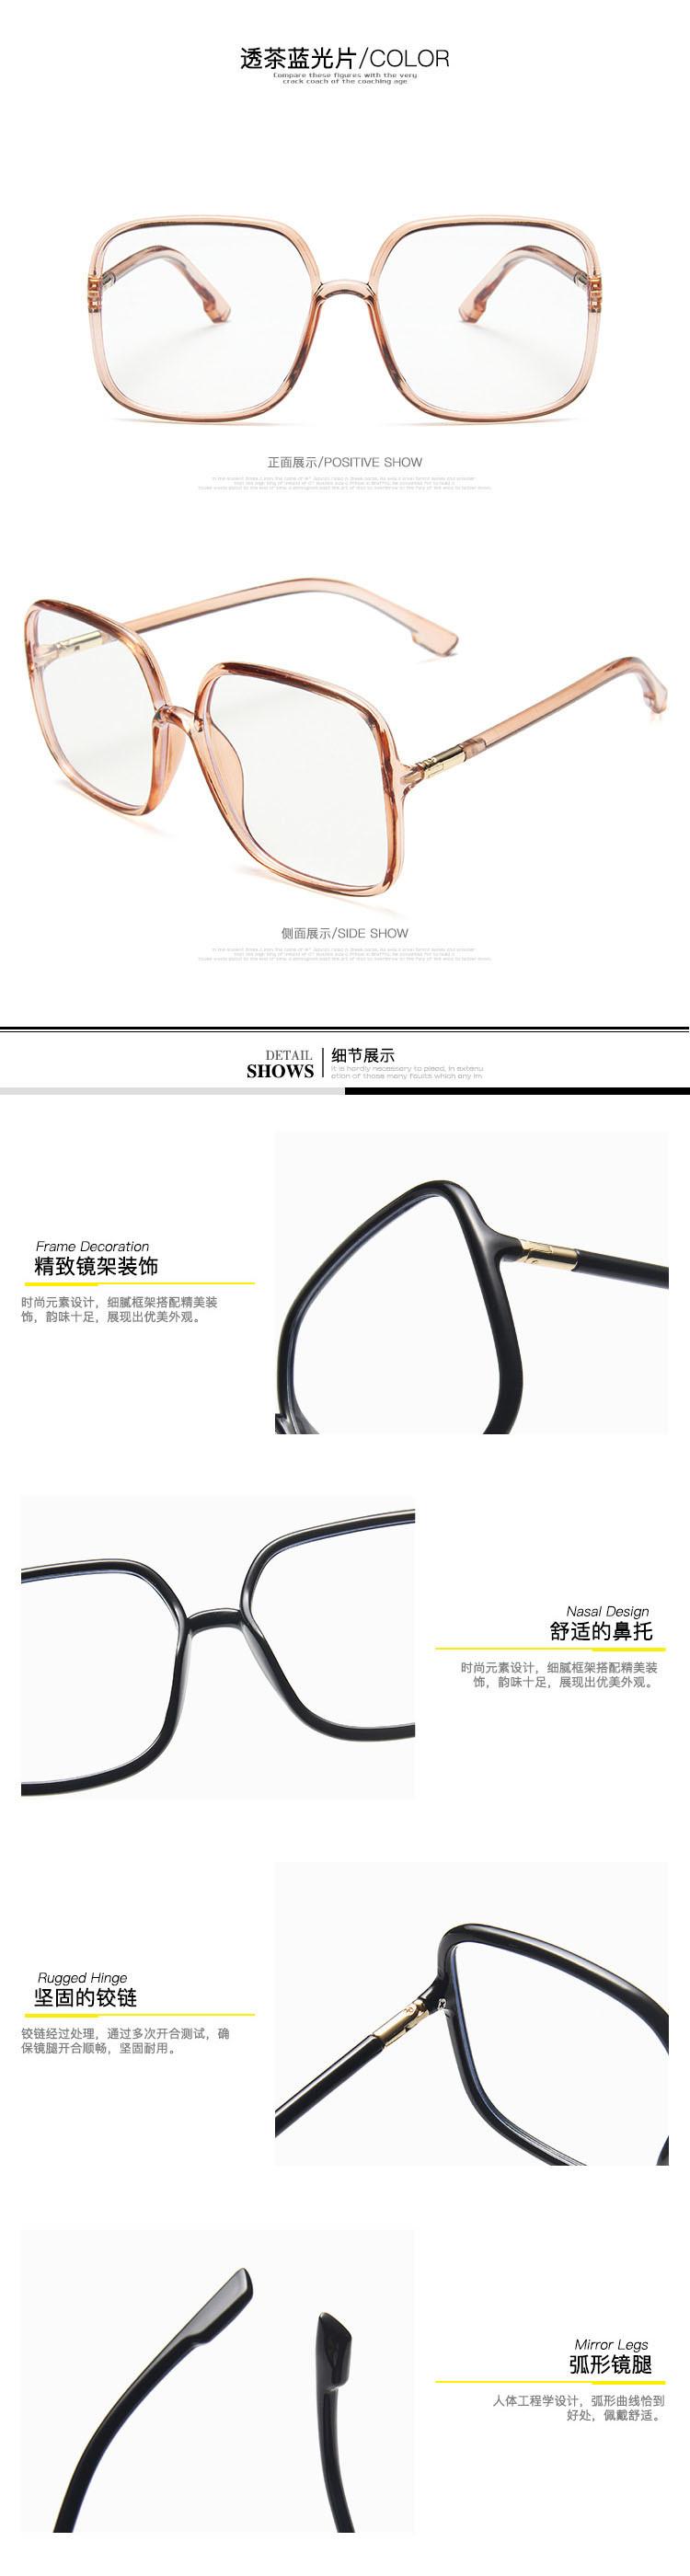 slimming eyewear